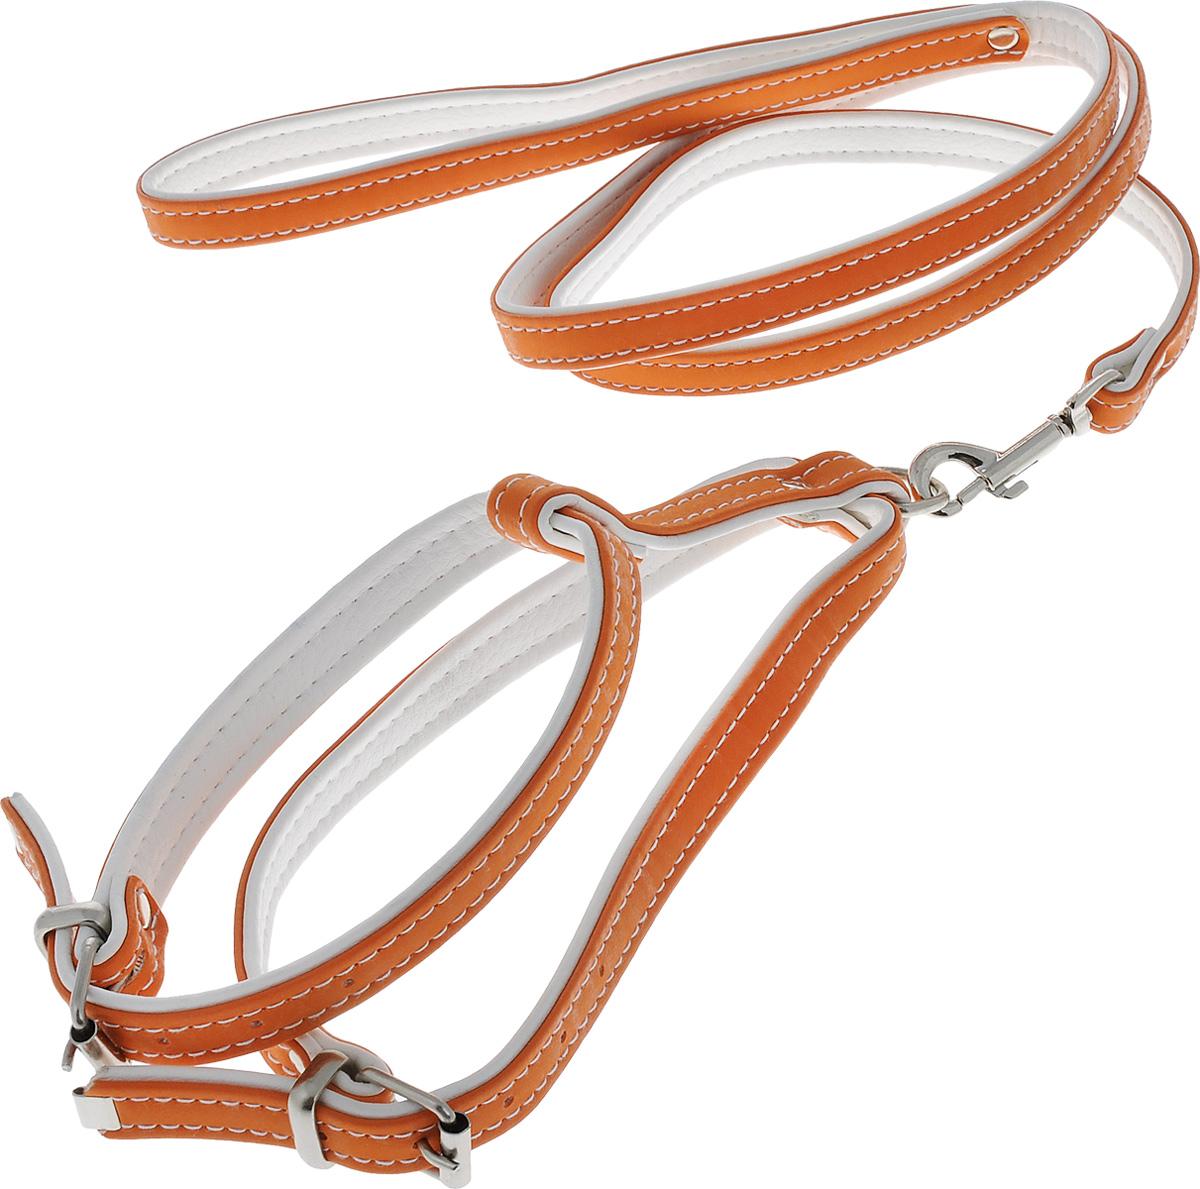 Комплект для животных Аркон Техно, цвет: оранжевый, белый, 2 предмета. кт15кт15оКомплект для животных Аркон Техно состоит из шлейки и поводка. Изделия изготовлены из искусственной кожи, фурнитура - из сверхпрочных сплавов металла. Надежная конструкция обеспечит вашему четвероногому другу комфортную и безопасную прогулку. Такой комплект подходит как для кошек, так и для мелких пород собак. Длина поводка: 1,1 м. Ширина поводка: 1,4 см. Обхват шеи: 27 - 33 см. Обхват груди: 37 - 44 см. Длина спинки: 11 см. Ширина ремней: 1,5 см; 1,6 см.